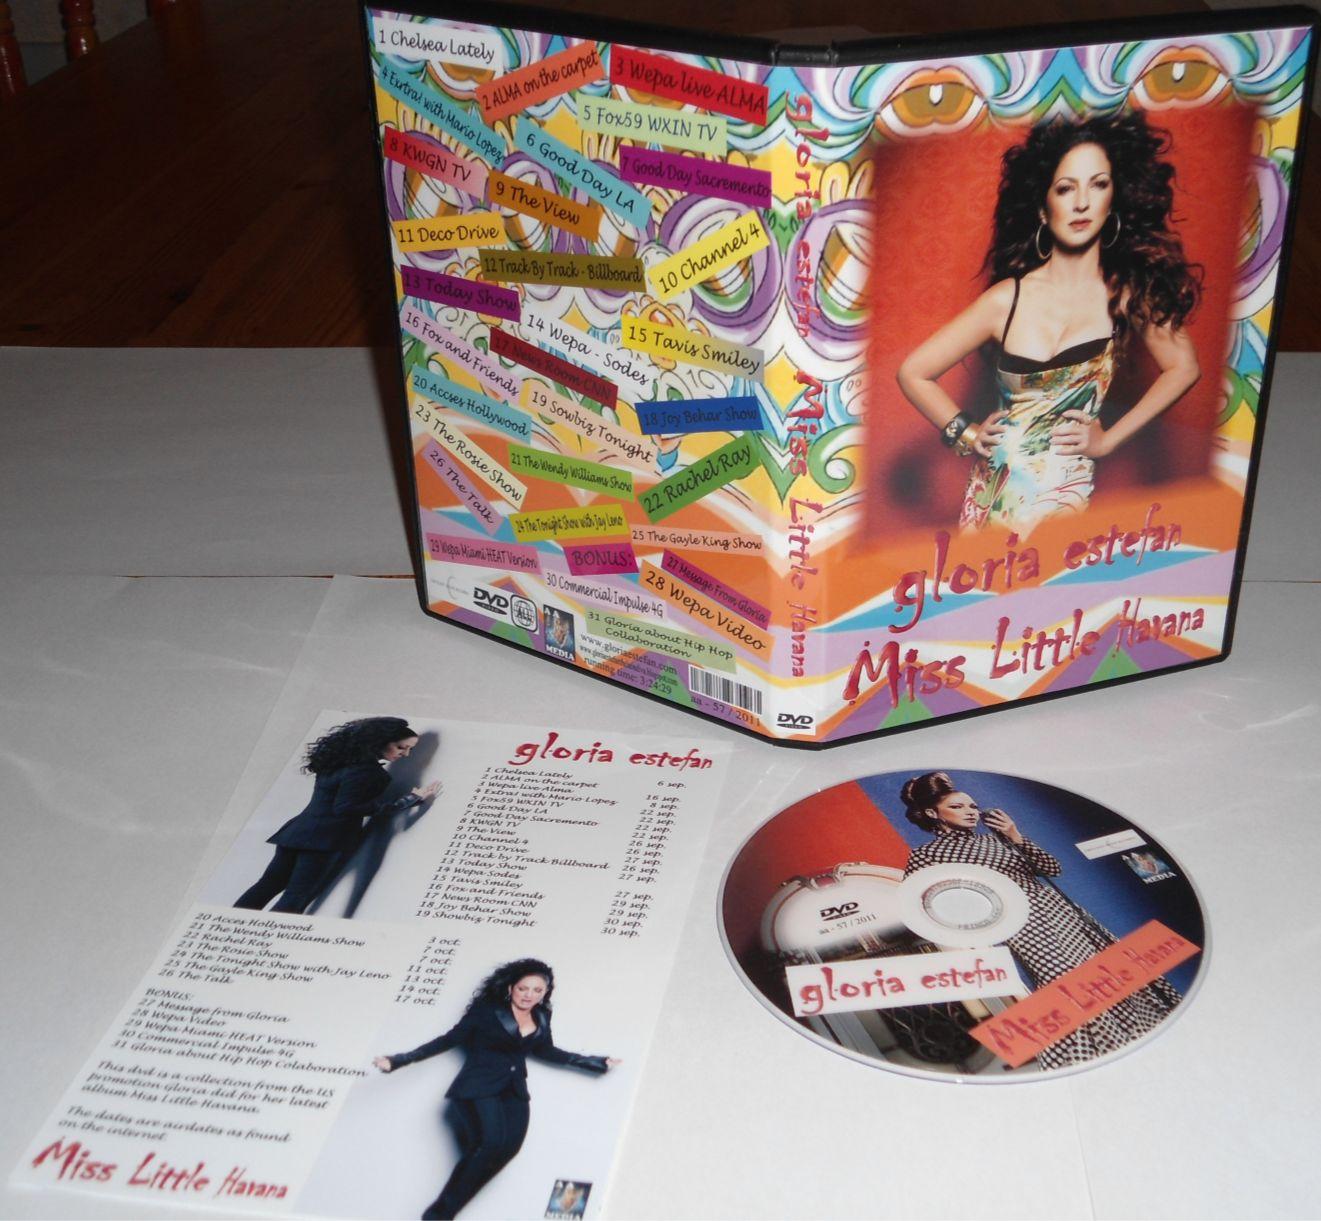 Gloria Estefan: Gloria Estefan - Miss Little Havana dvd  Gloria Estefan Little Miss Havana